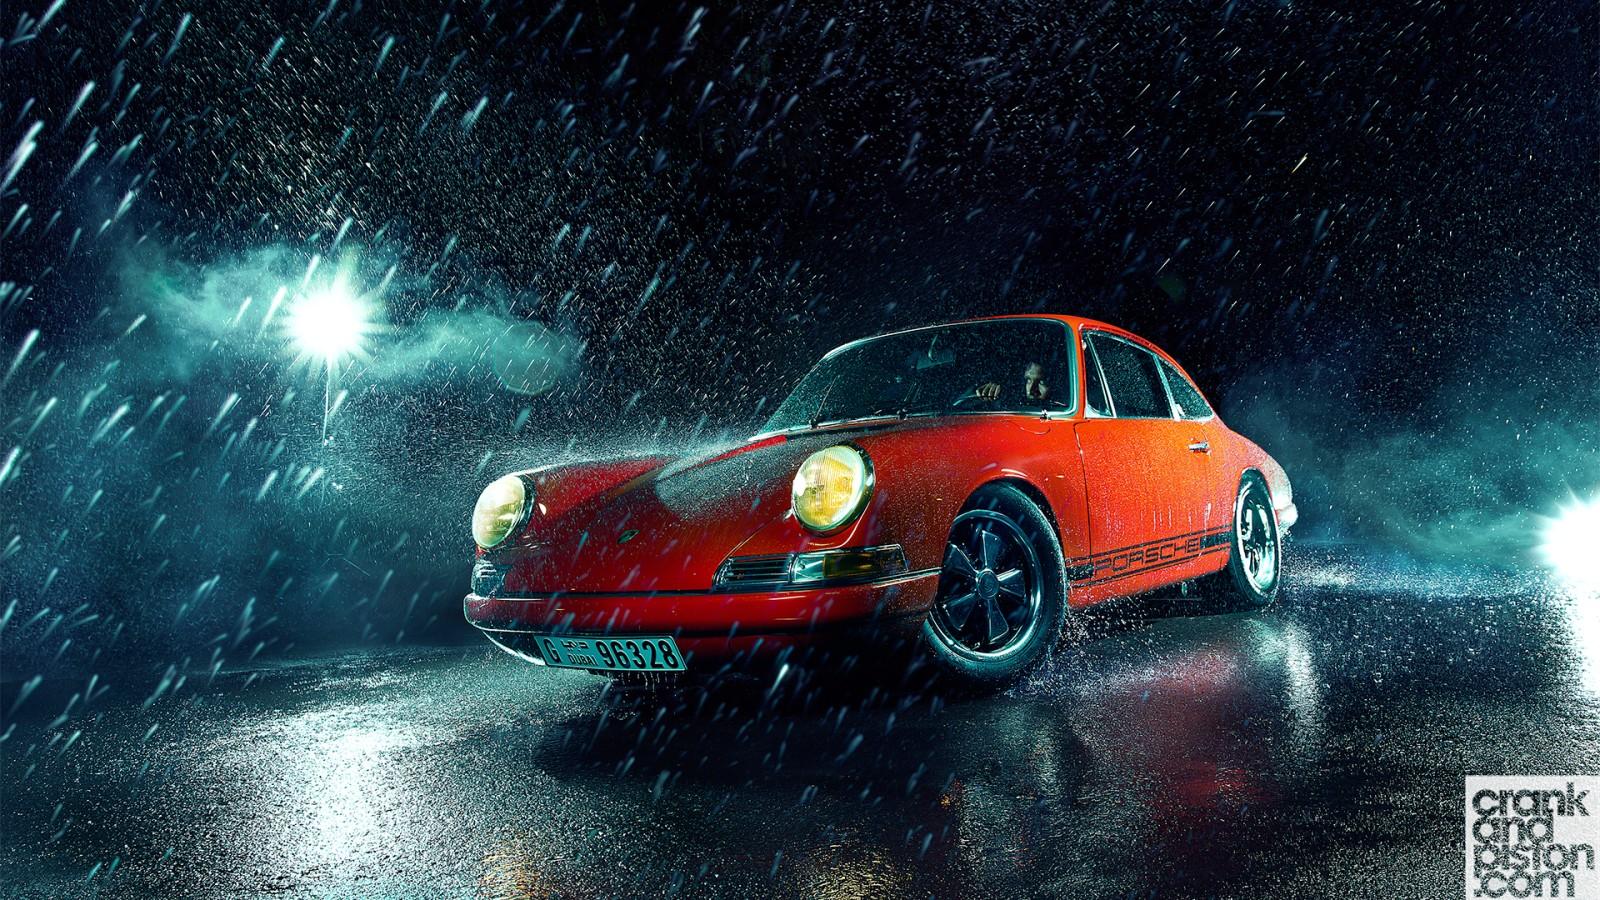 Rolls Royce Wallpaper Iphone X Porsche 912 Wallpaper Hd Car Wallpapers Id 4569